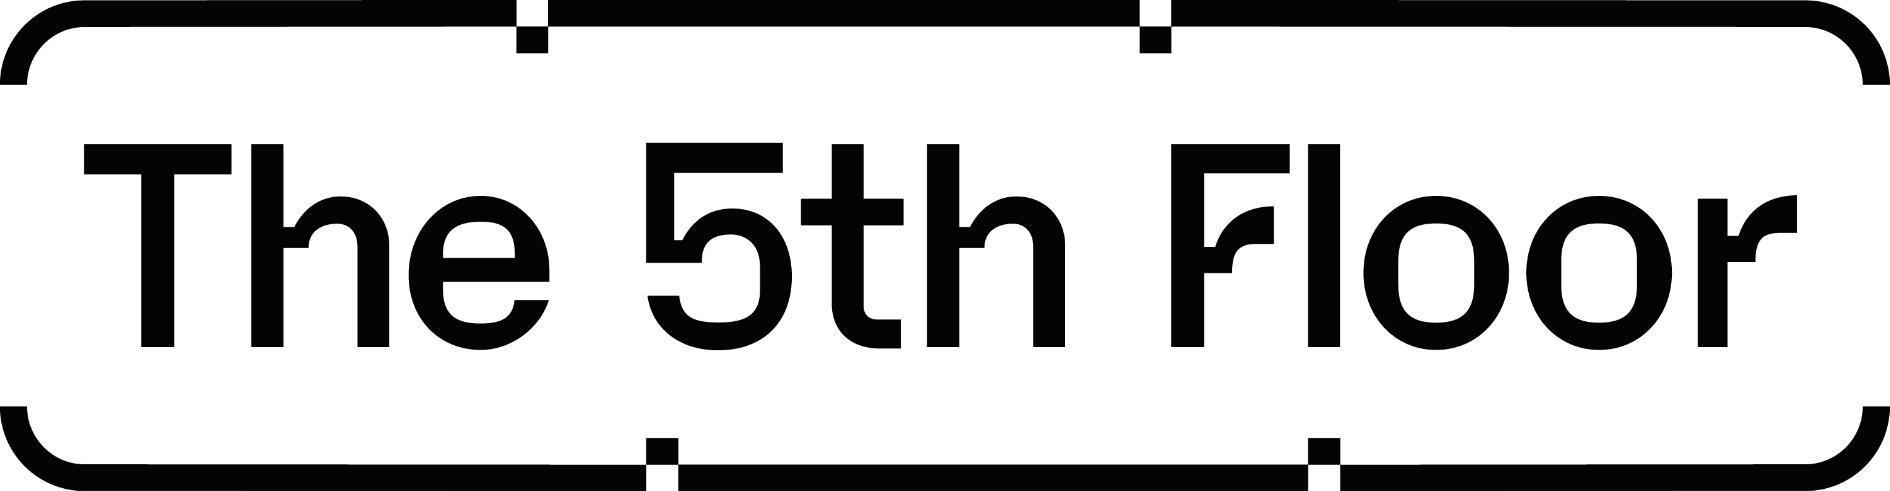 The 5th Floor